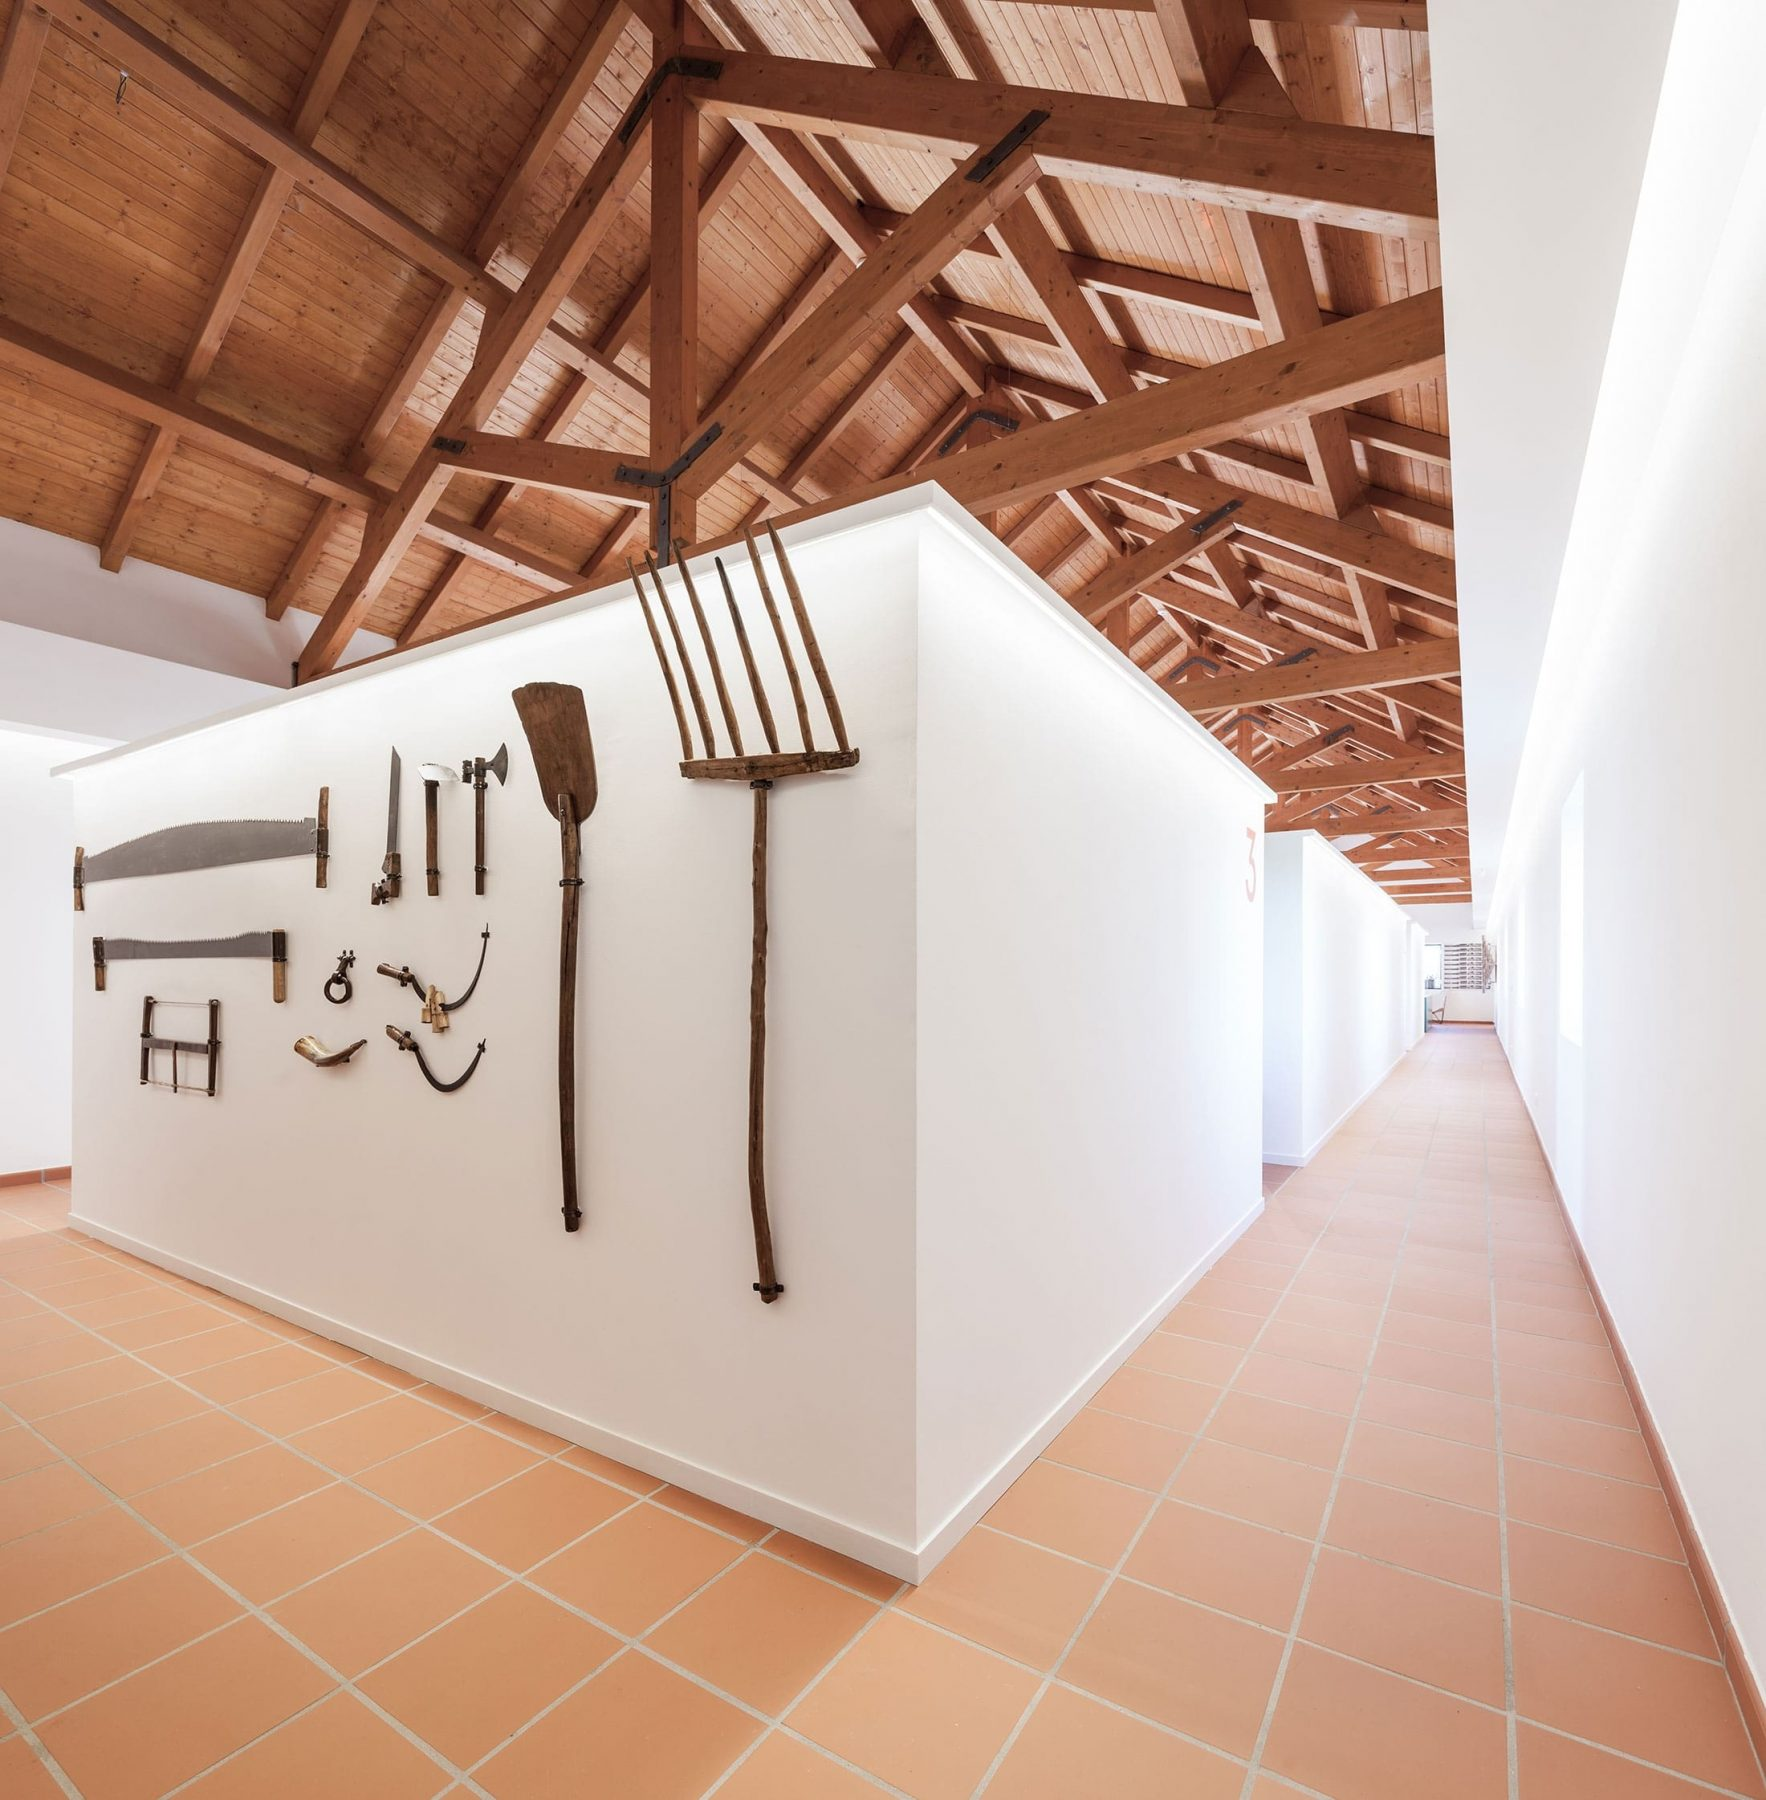 dc ad museum barroca architecture 10